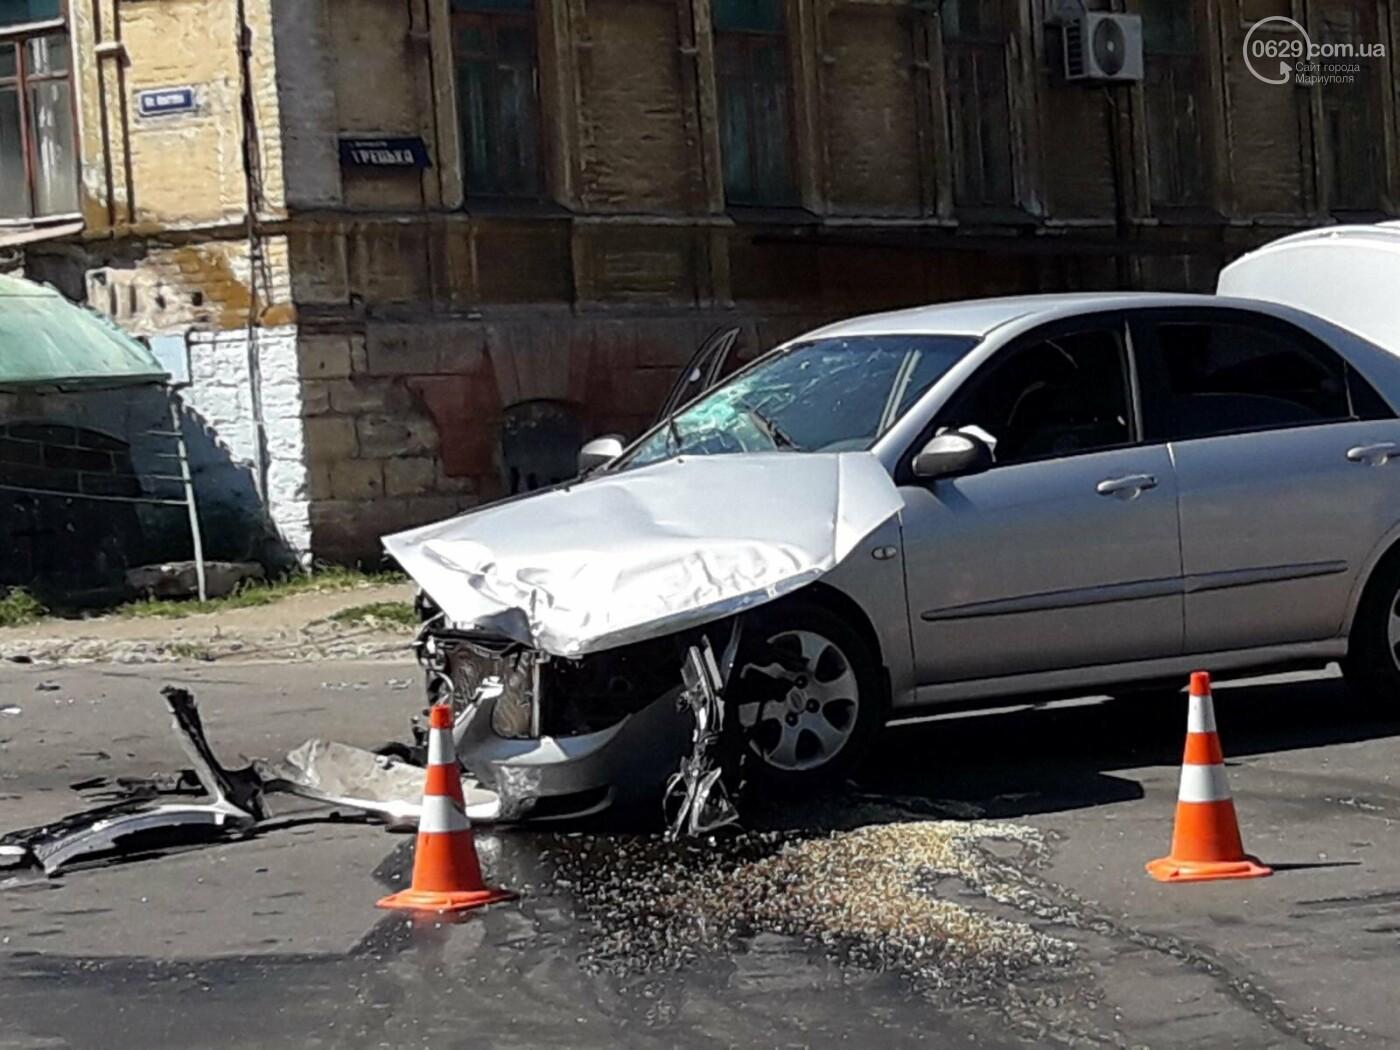 В Мариуполе на опасном перекрёстке в аварии  пострадало 7 человек,- ФОТО, фото-5